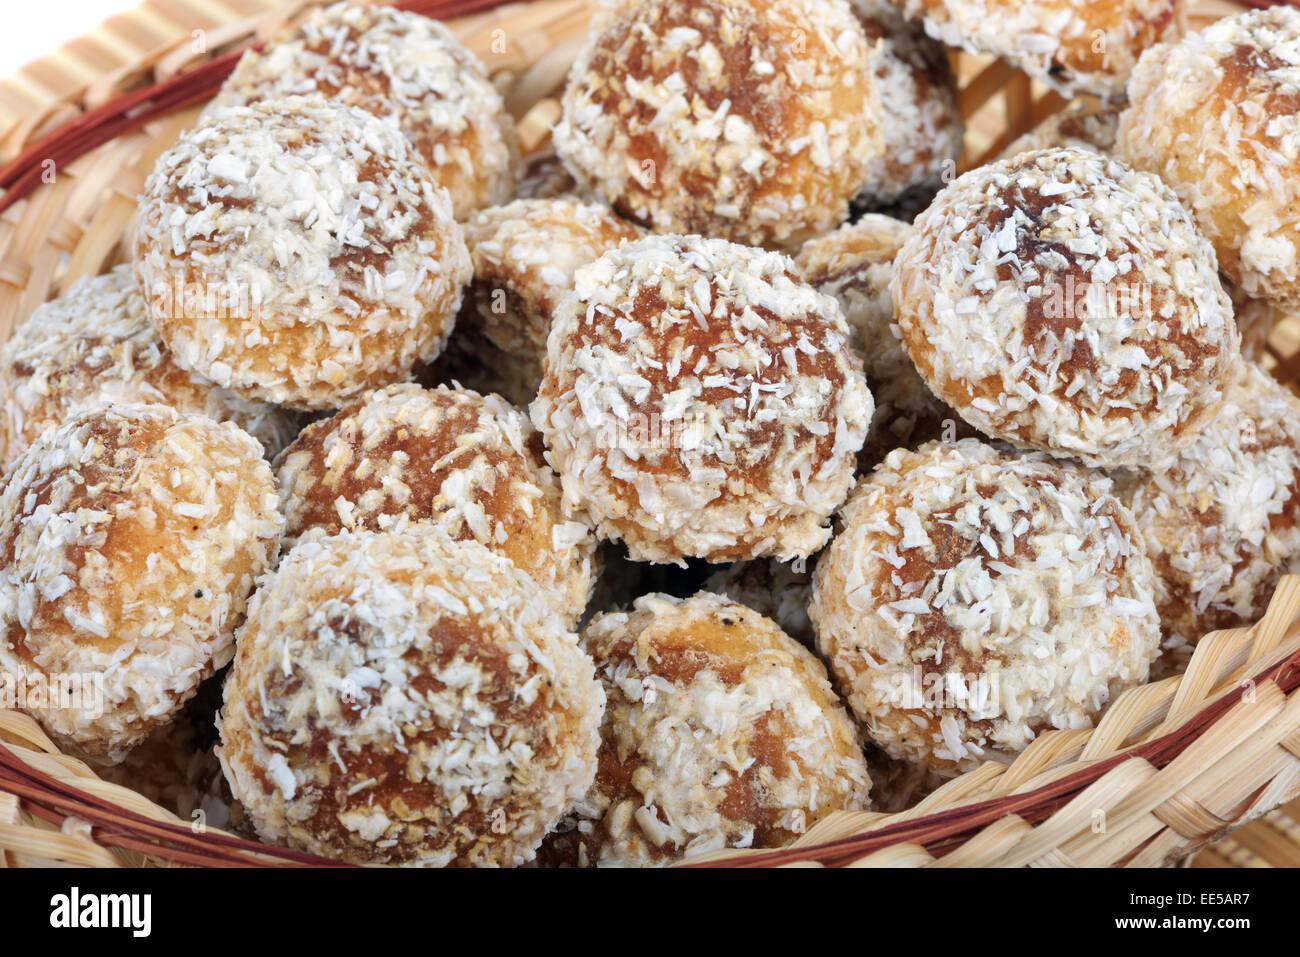 Petits gâteaux russes couvertes de particules de noix de coco Photo Stock